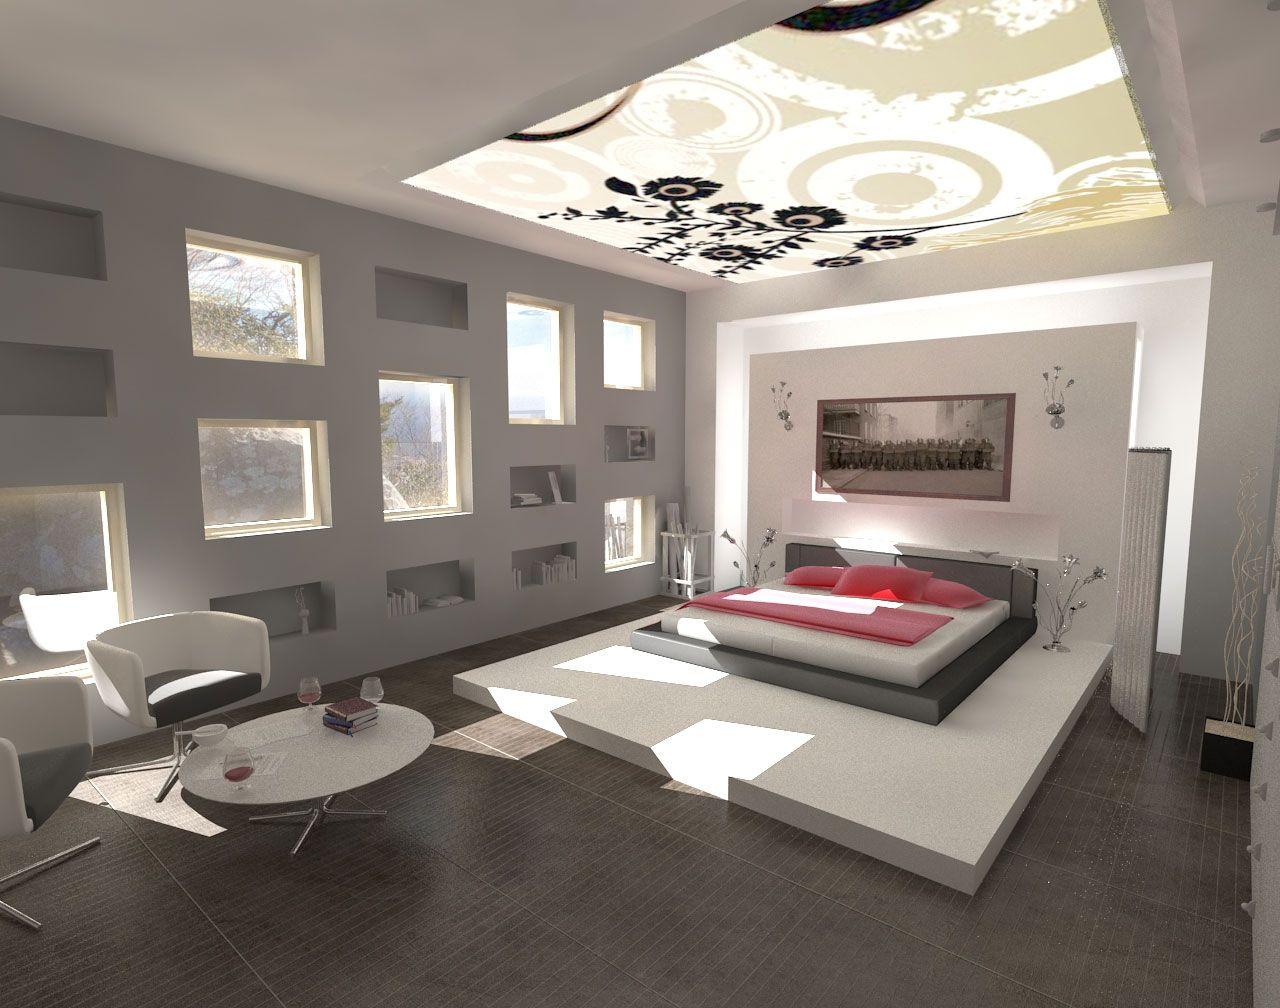 cool bedroom paint colors ideas bedroom pinterest colores de pintura colores de pintura para dormitorios y ideas para dormitorios